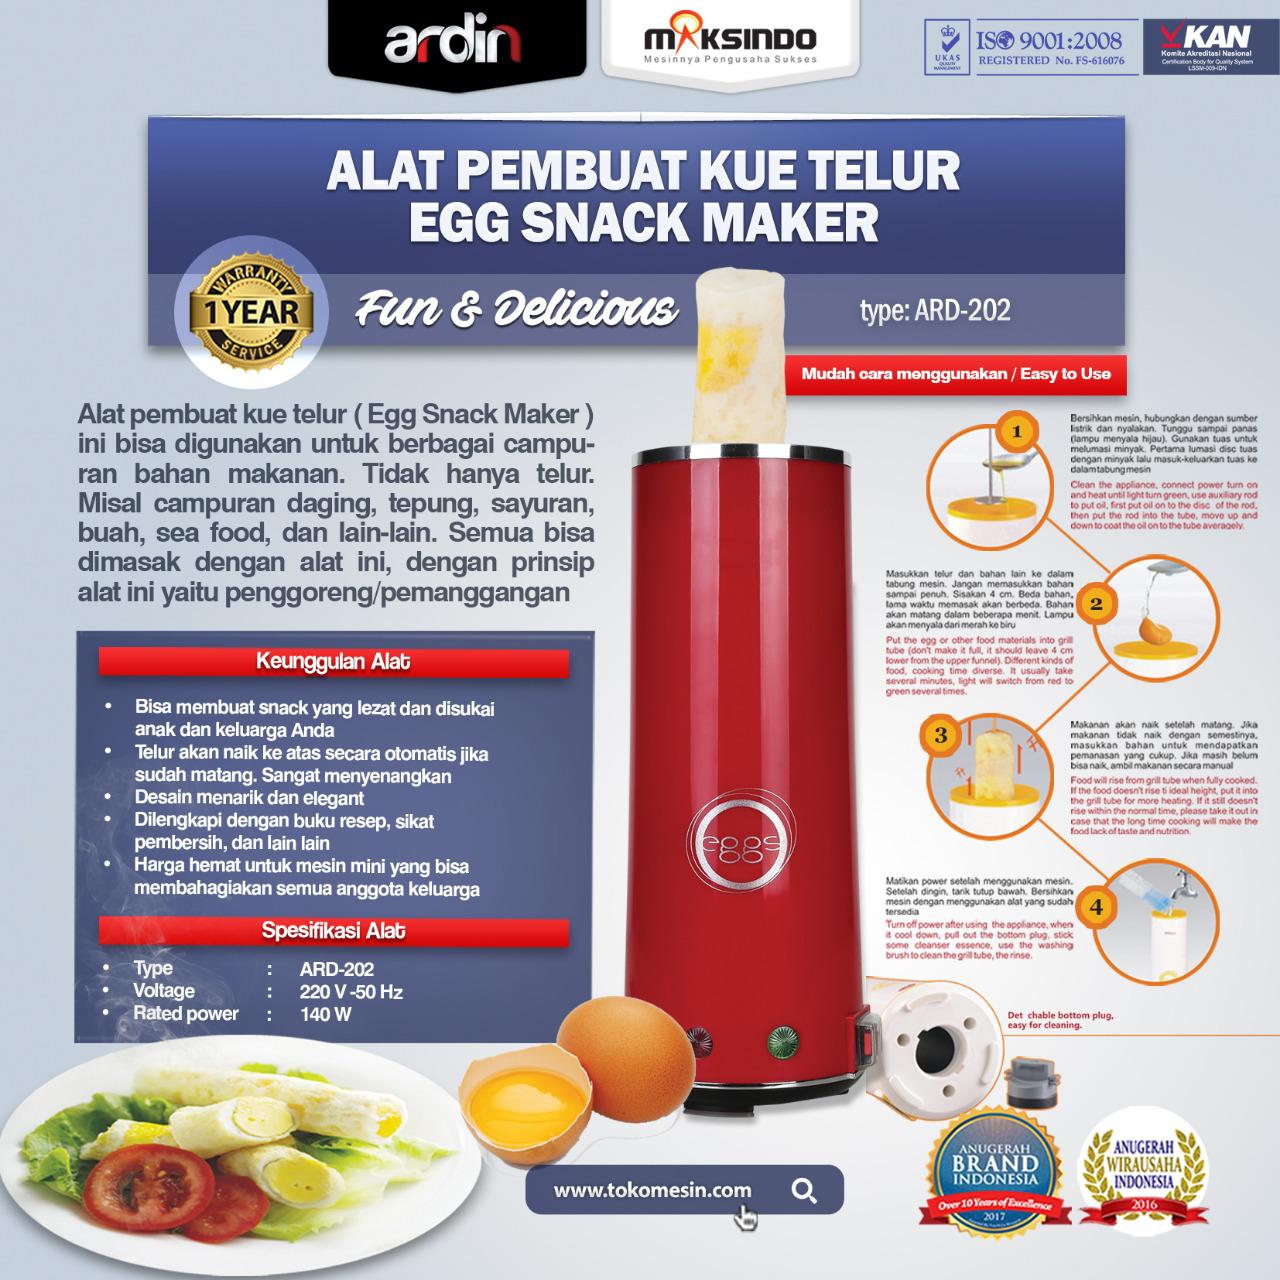 Jual Egg Roll Snack Telur Rumah Tangga ARDIN di Palembang